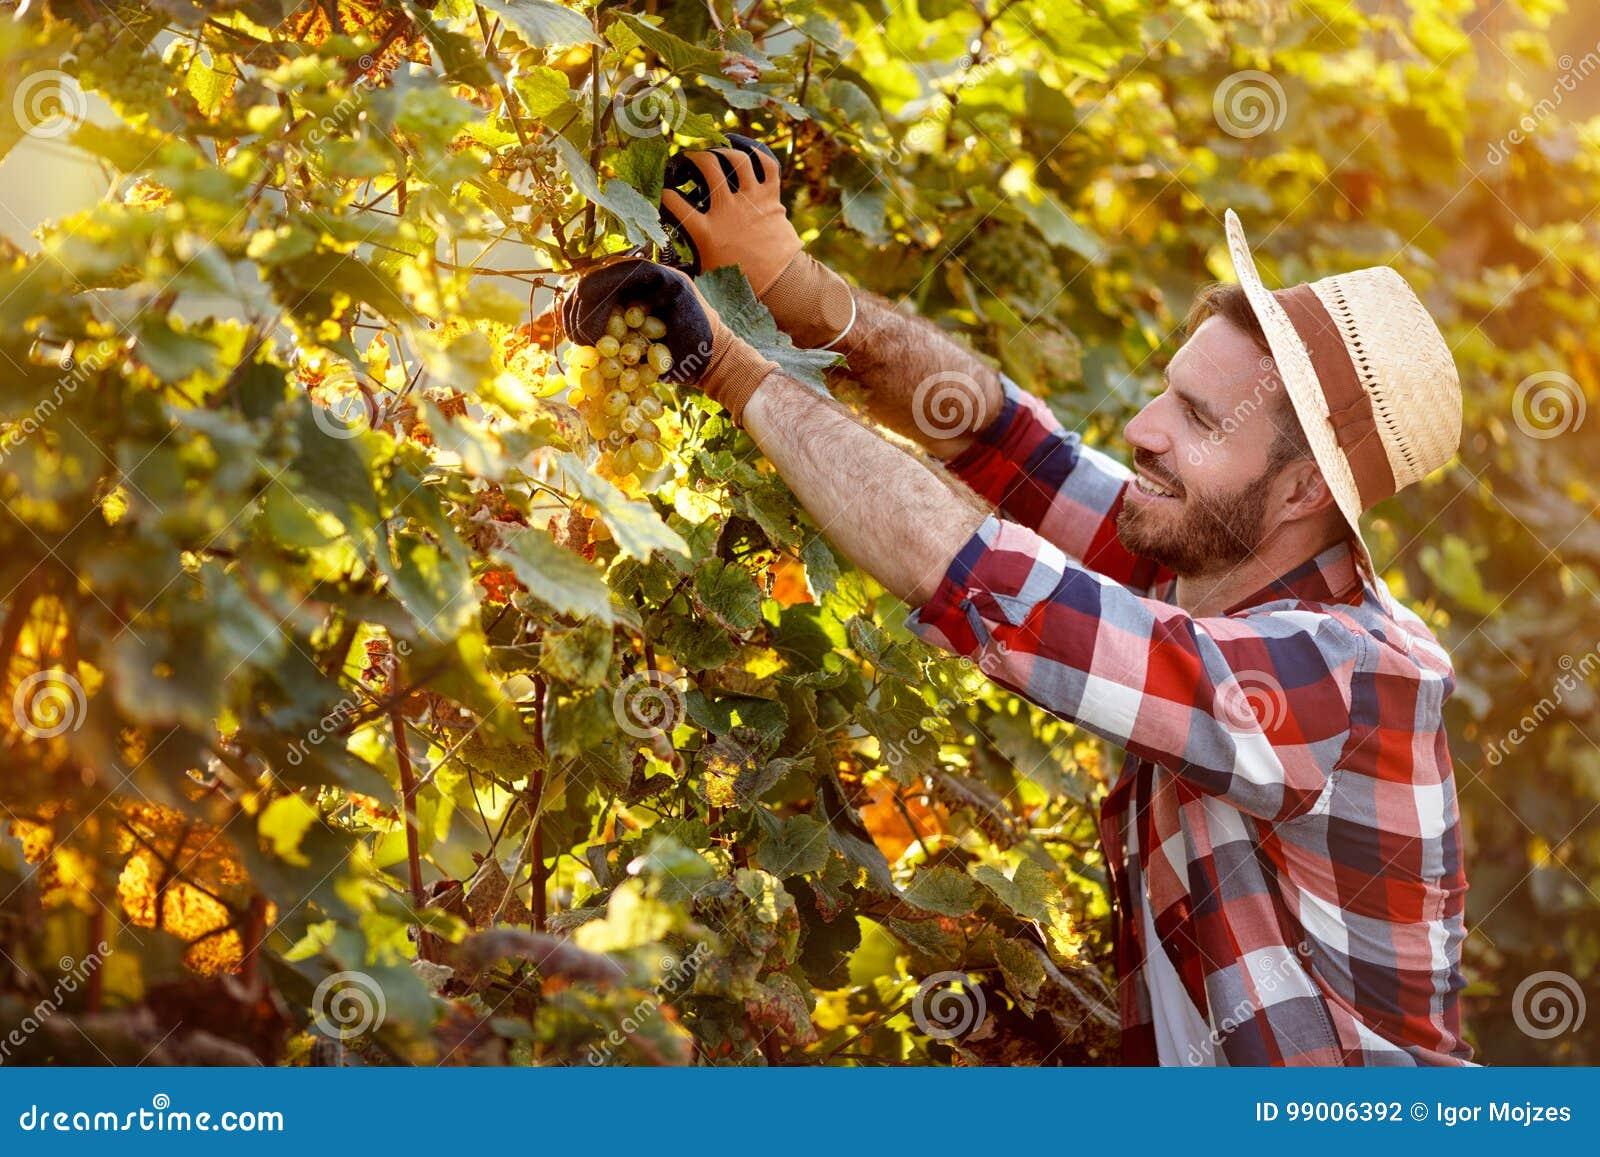 Équipez la moissonneuse coupant le groupe de raisins dans le vignoble